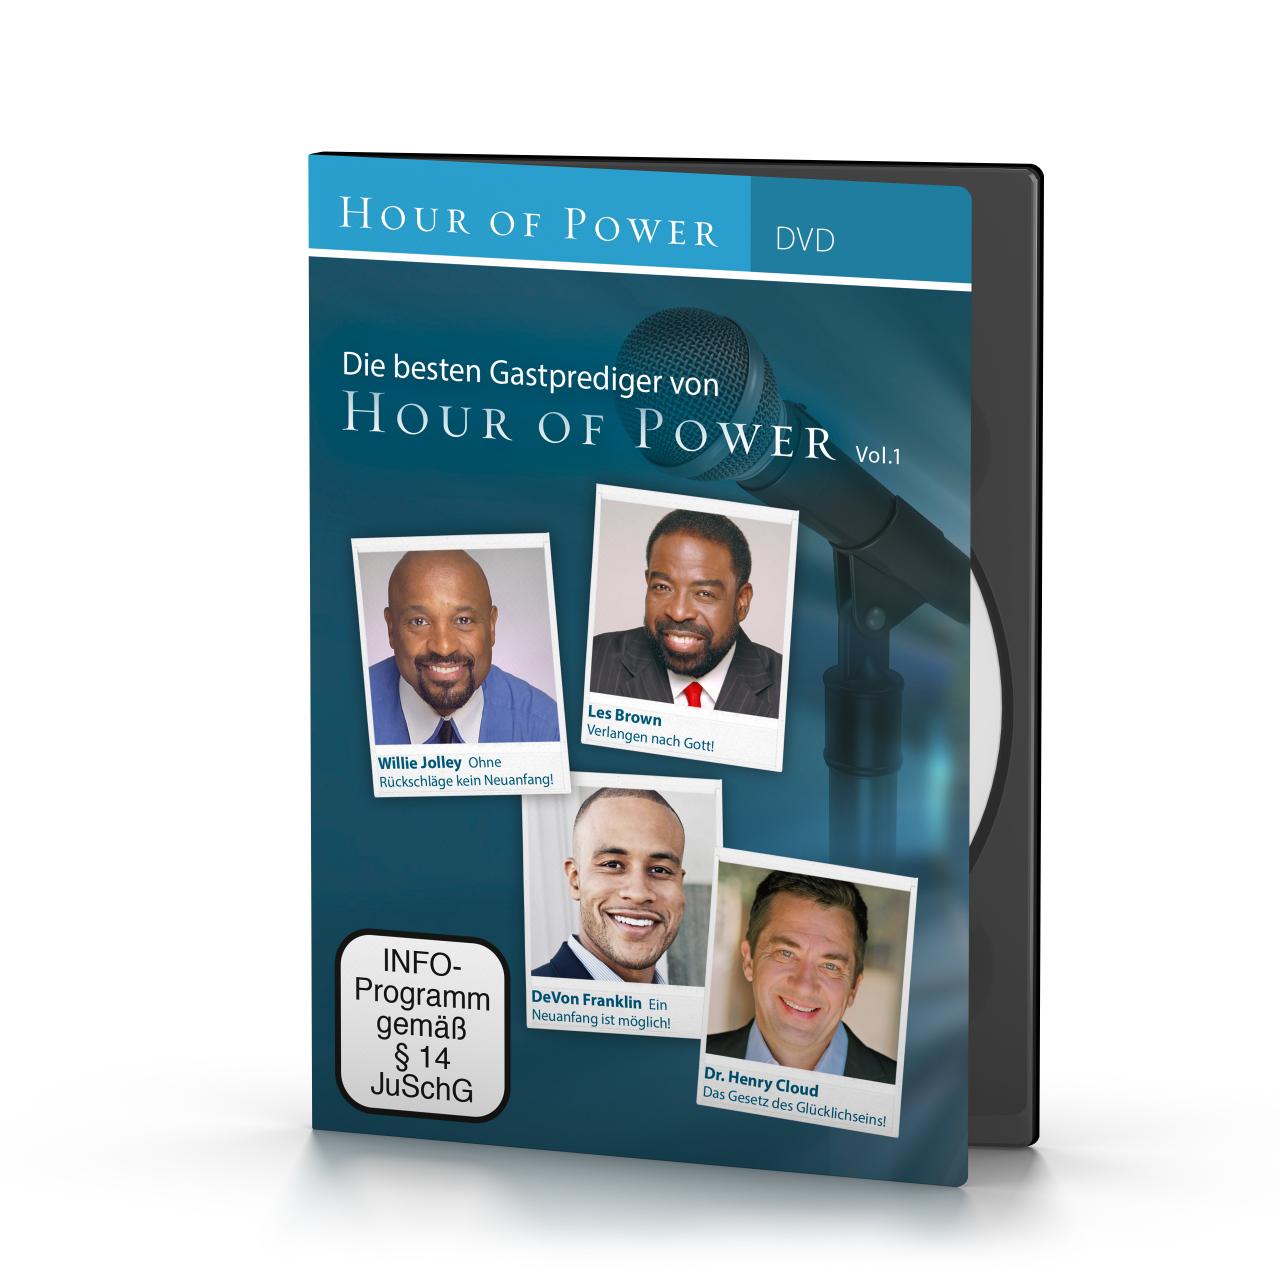 DVD: Gastprediger